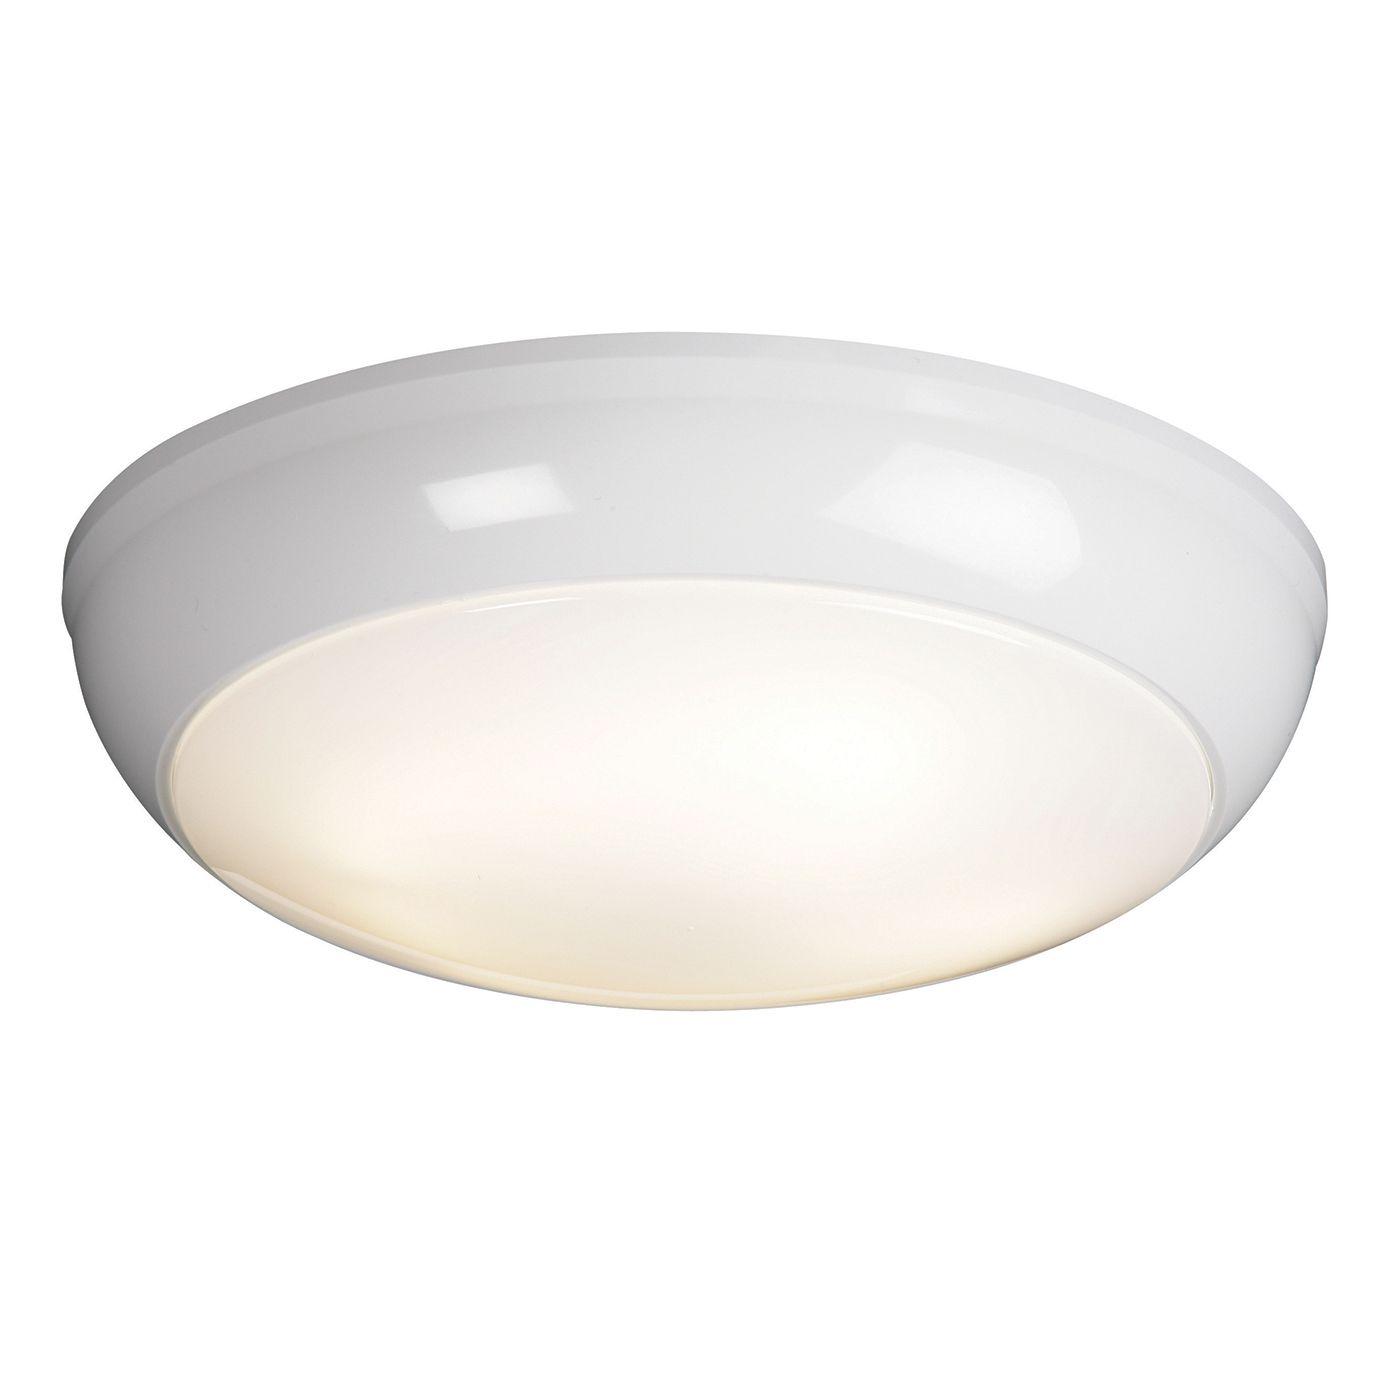 Lampa sufitowa Vigor 275 - Saxby Lighting - biała